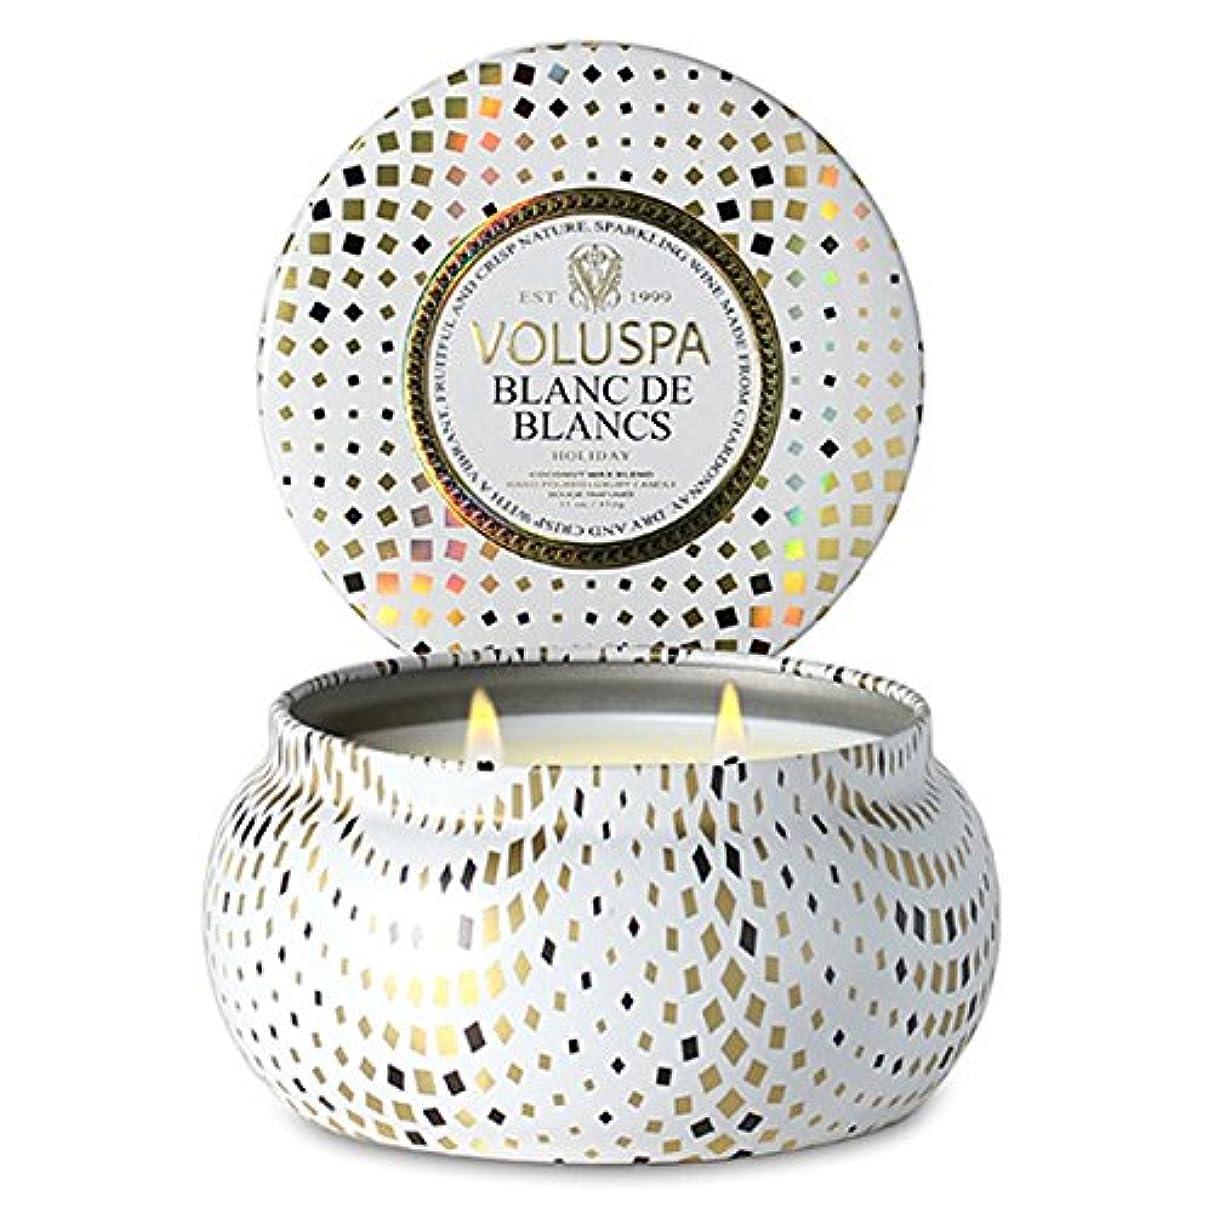 予定特徴掃くVoluspa ボルスパ メゾンホリデー 2-Wick ティンキャンドル ブラン ド ブラン BLANC DE BLANCS MASION HOLIDAY 2-ウィック Tin Glass Candle